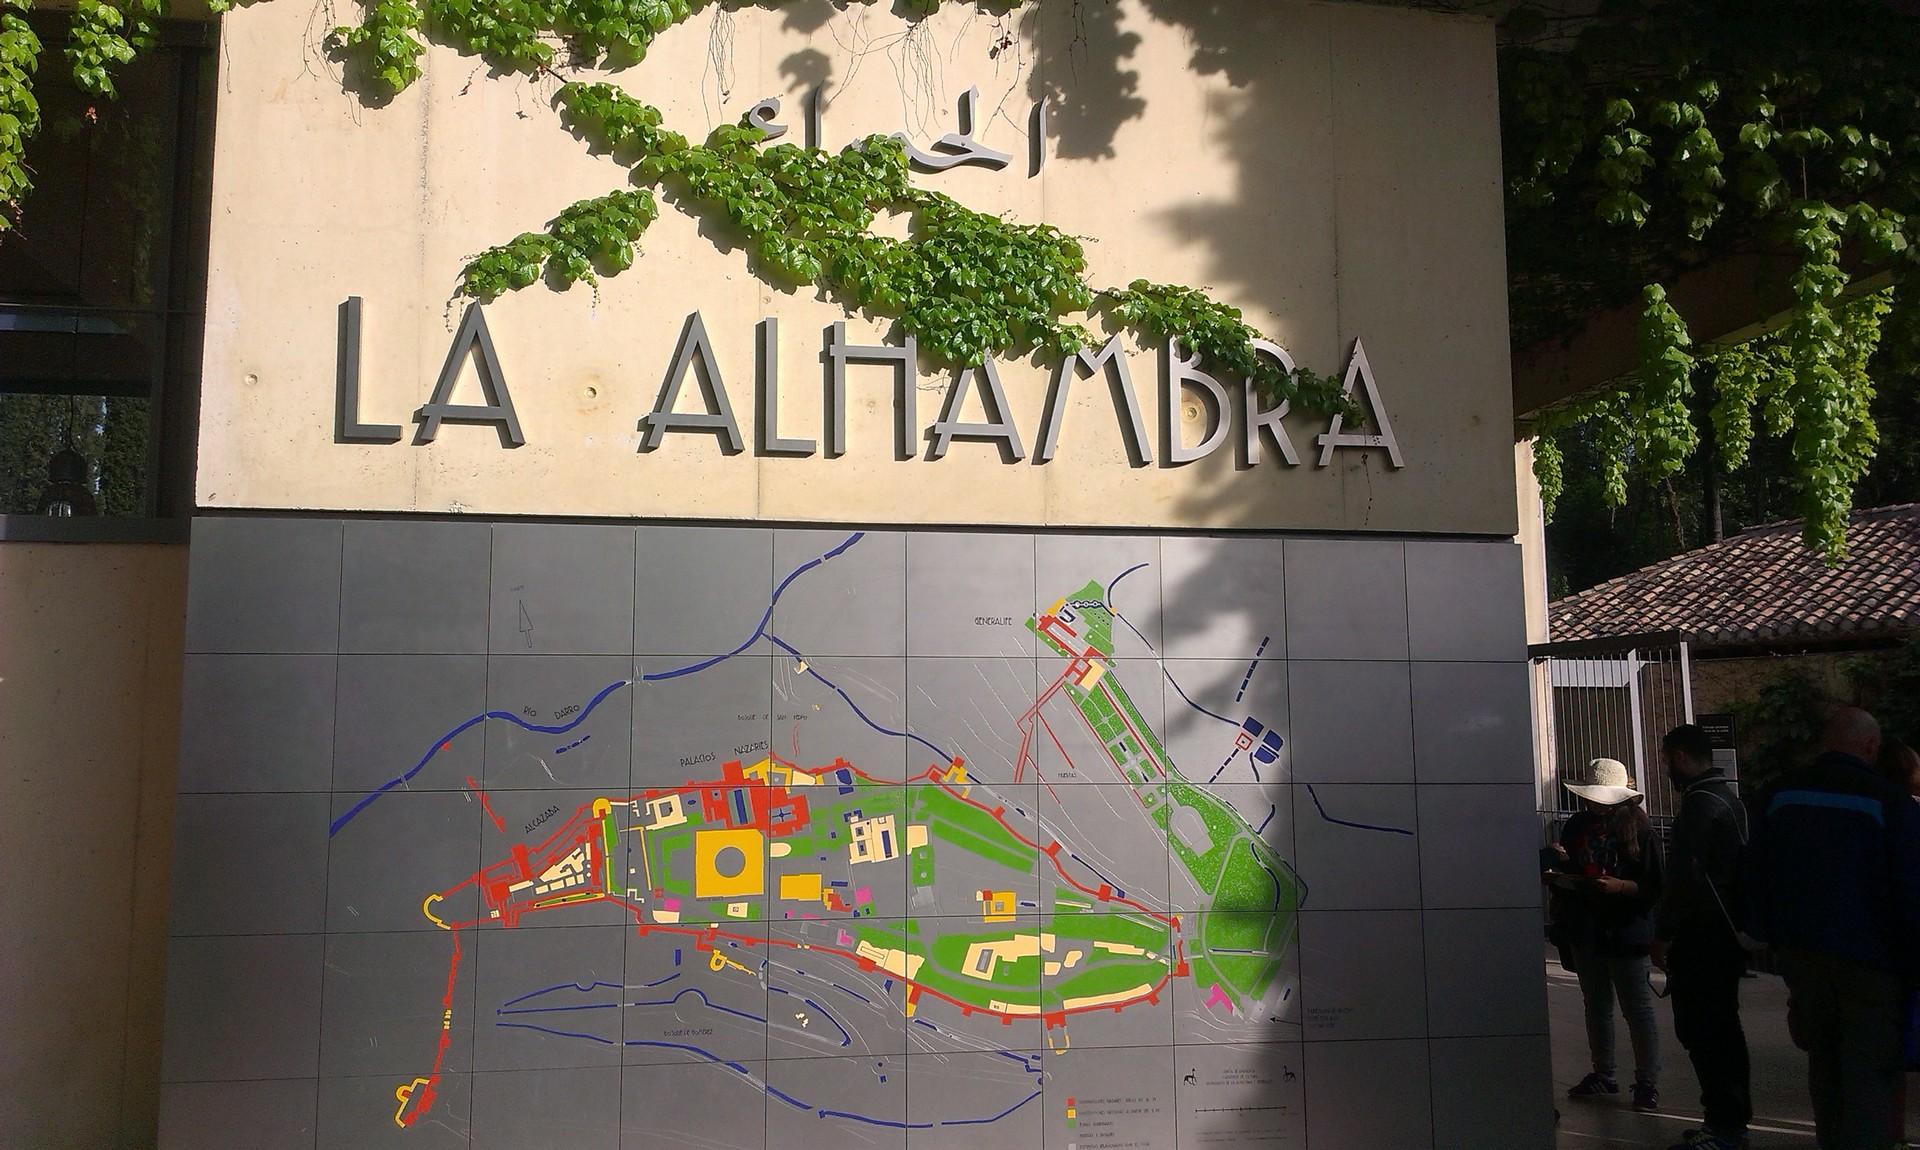 la-alhambra-cittadina-paradisiaca-8dadcf